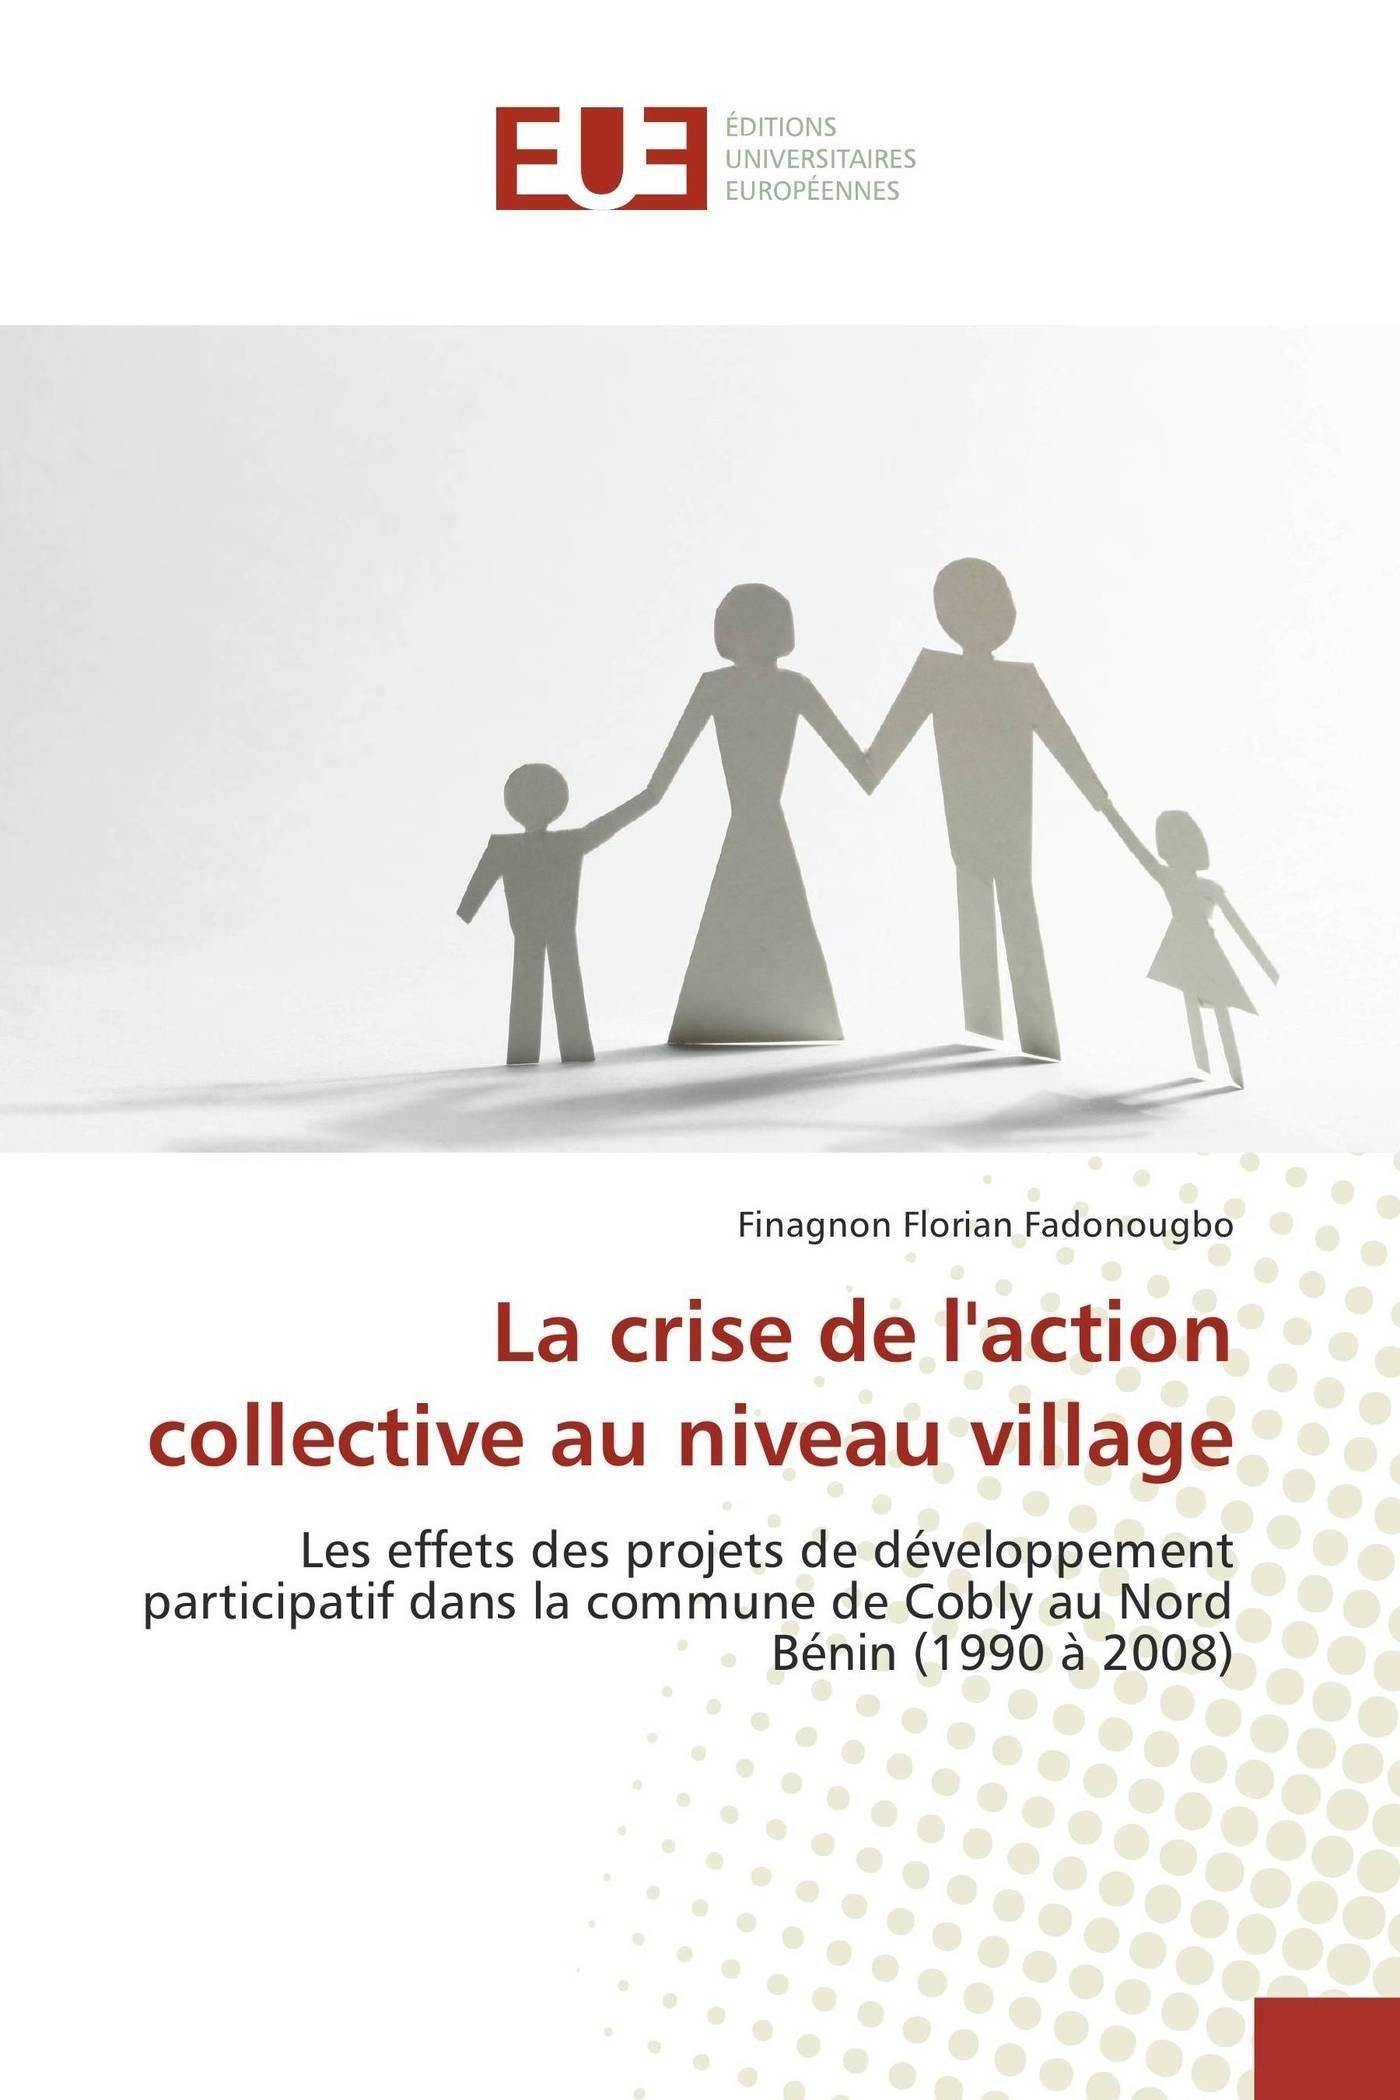 Download La crise de l'action collective au niveau village: Les effets des projets de développement participatif dans la commune de Cobly au Nord Bénin (1990 à 2008) (Omn.Univ.Europ.) (French Edition) pdf epub